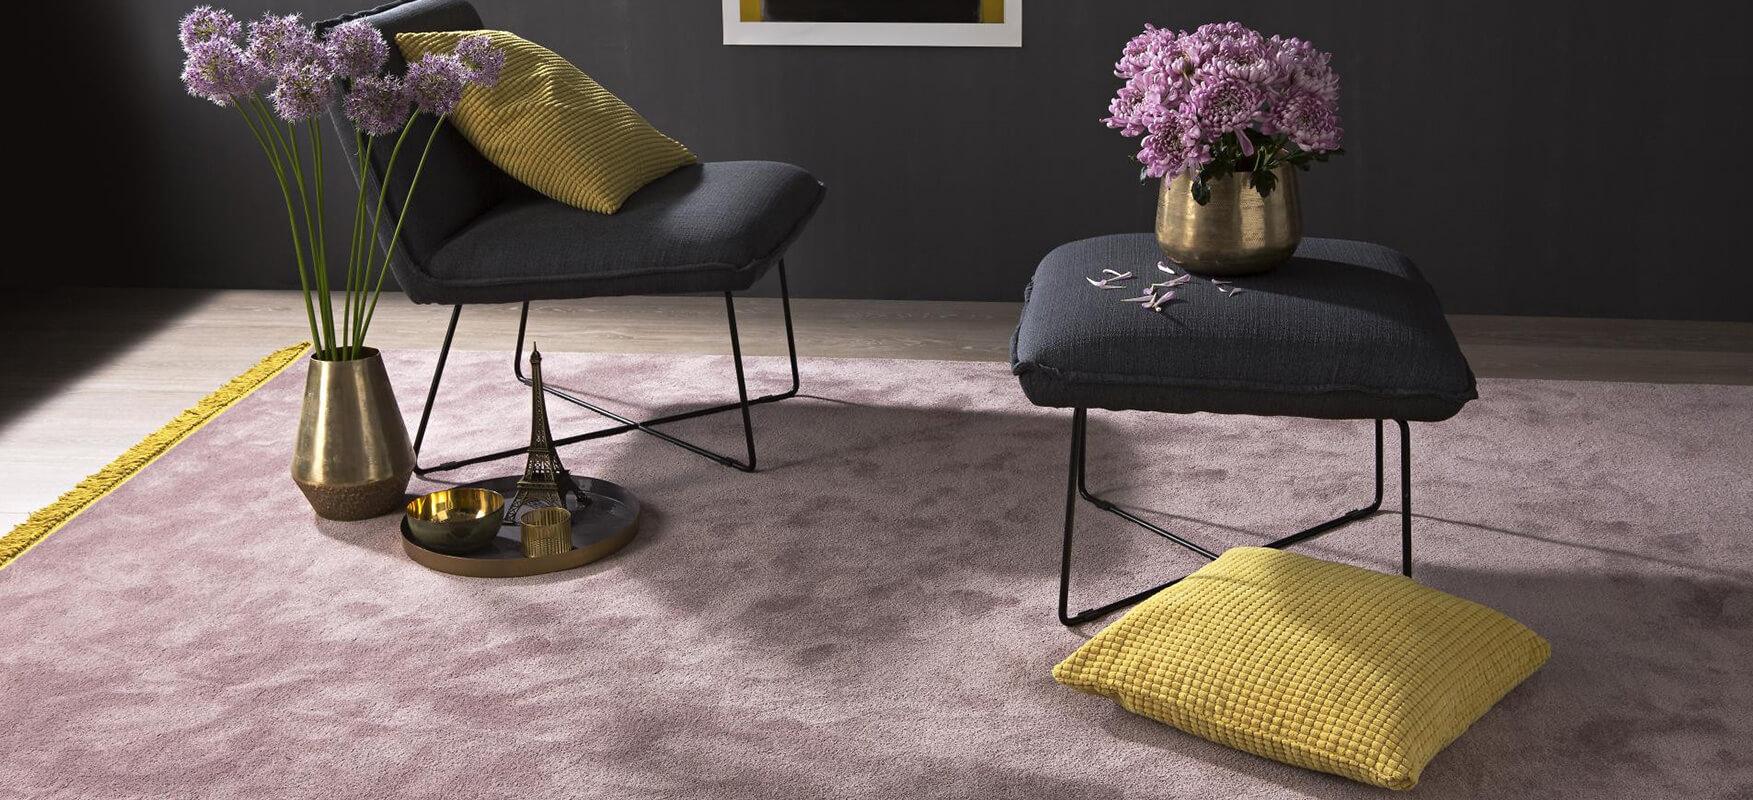 Chanecolor-Pinturas-decoracion-e-interiorismo3-alfombras2